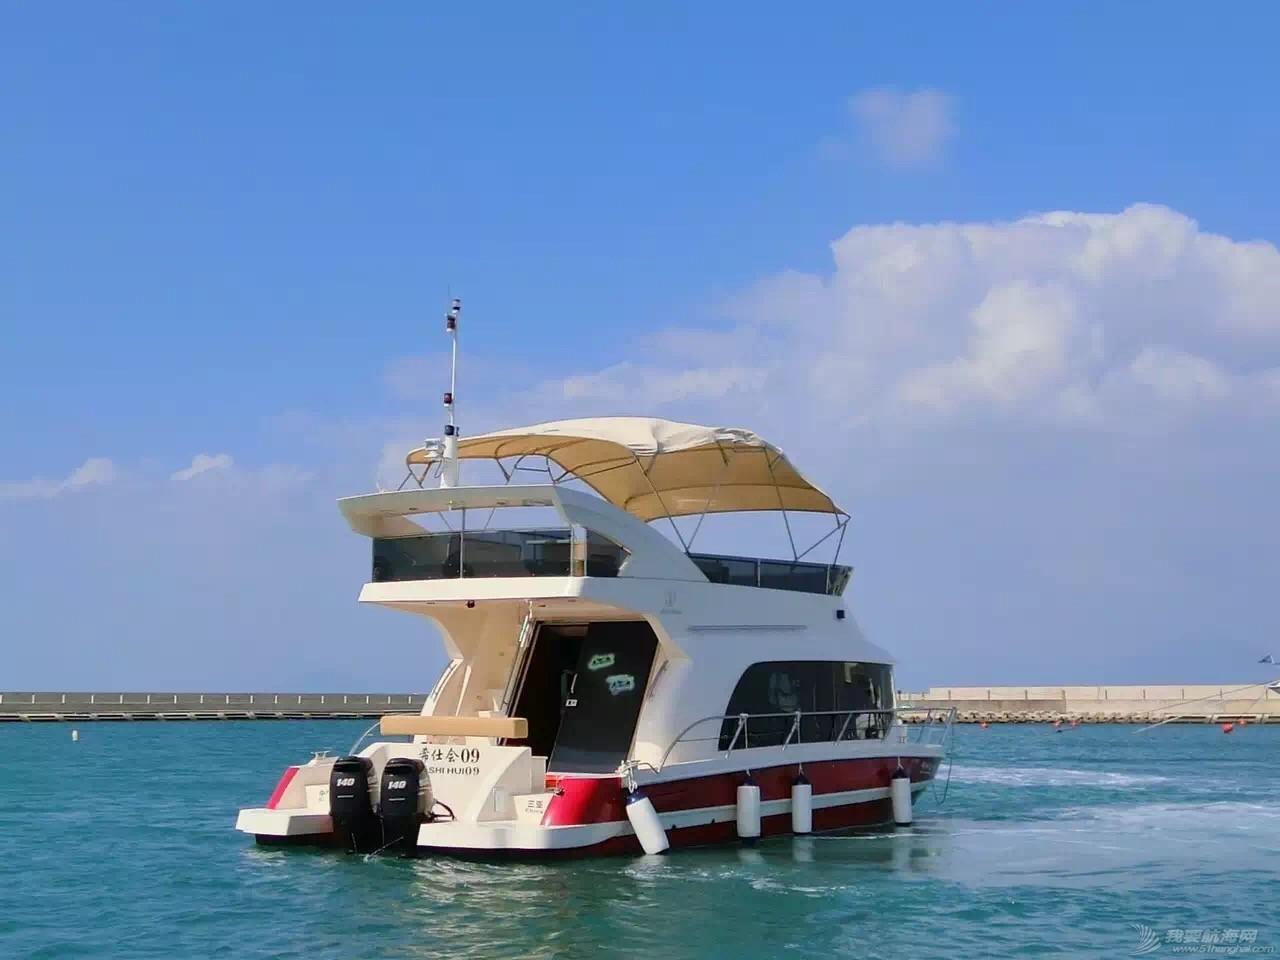 游艇,德莱 希仕德莱38尺双体游艇 侧面 120300y3094zlgzz90vq3k